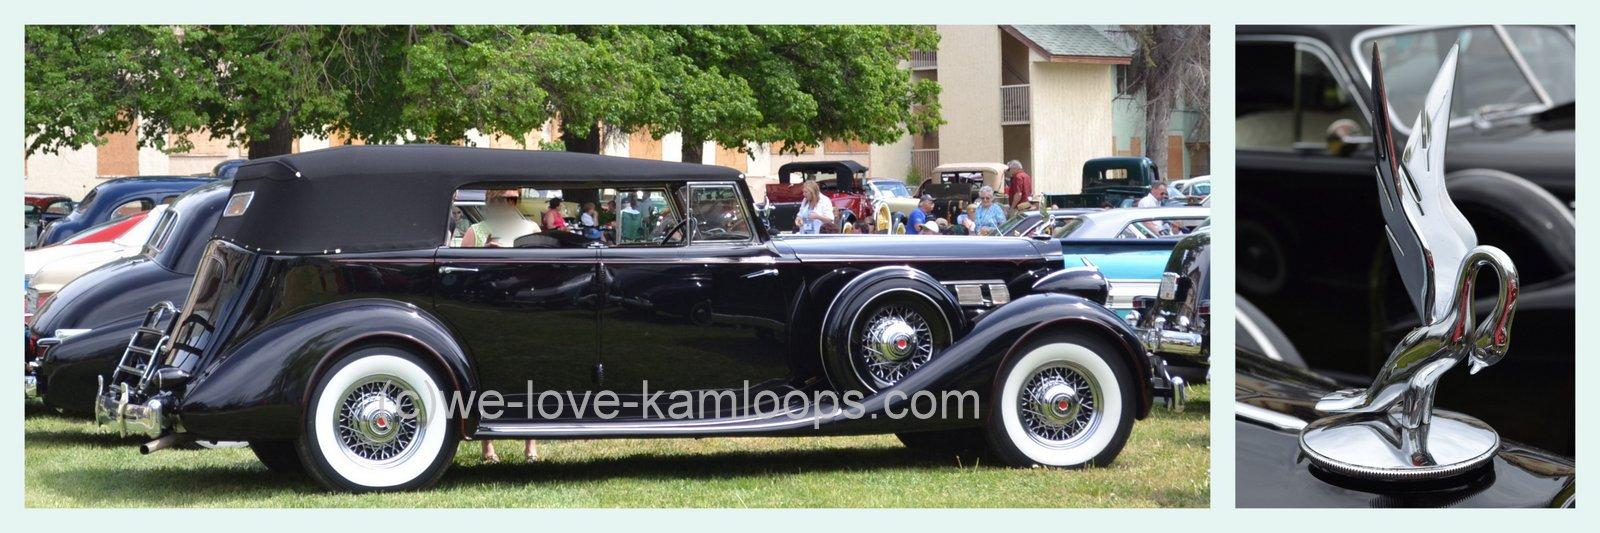 we-love-kamloops: Vintage Cars ~ Tranquille on the Lake ~ Kamloops, BC